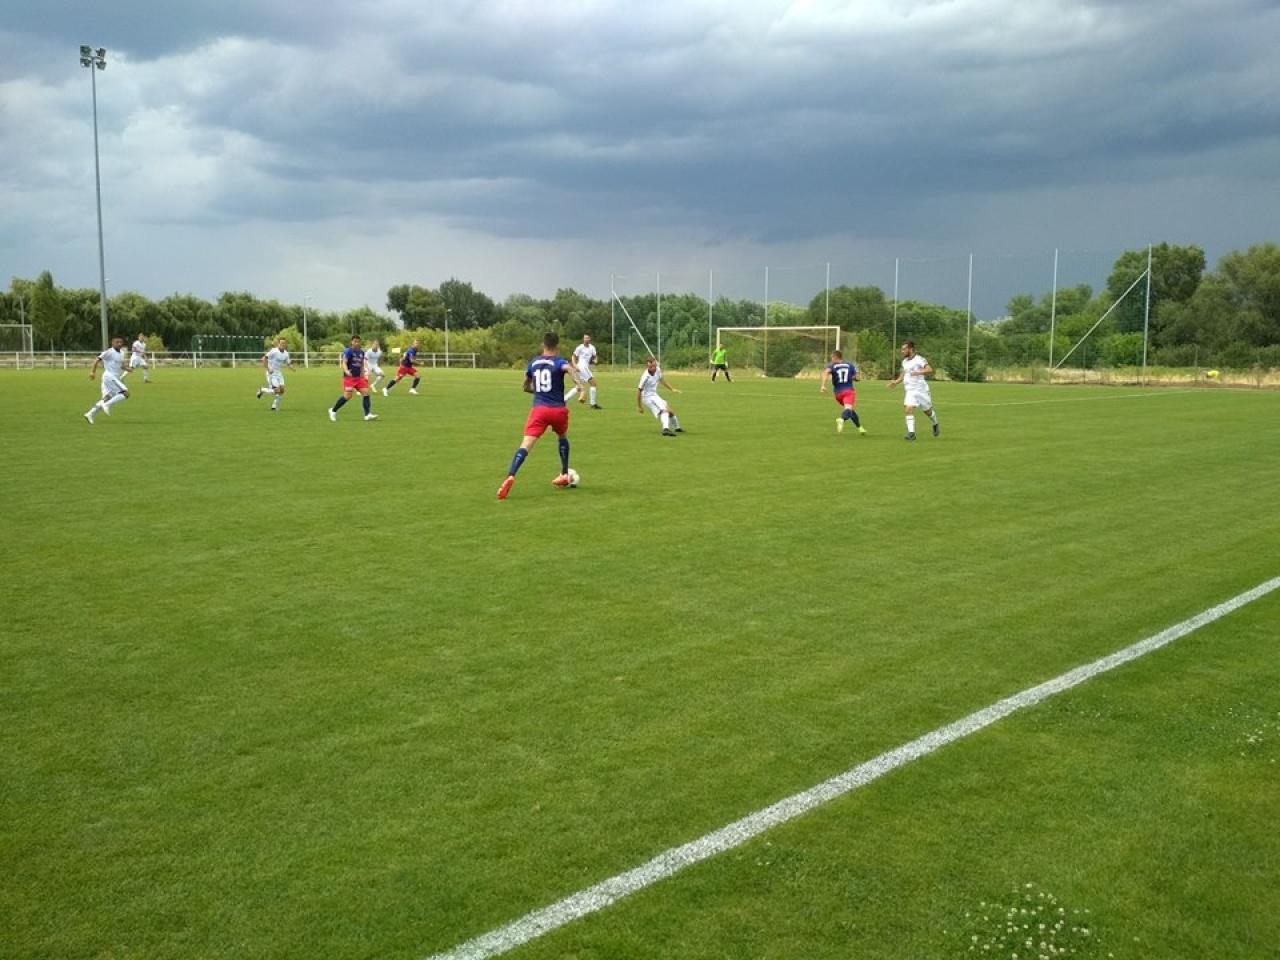 Szpari edzőmeccsek - a Szolnokot legyőzte a csapat, este a Kisvárda következik